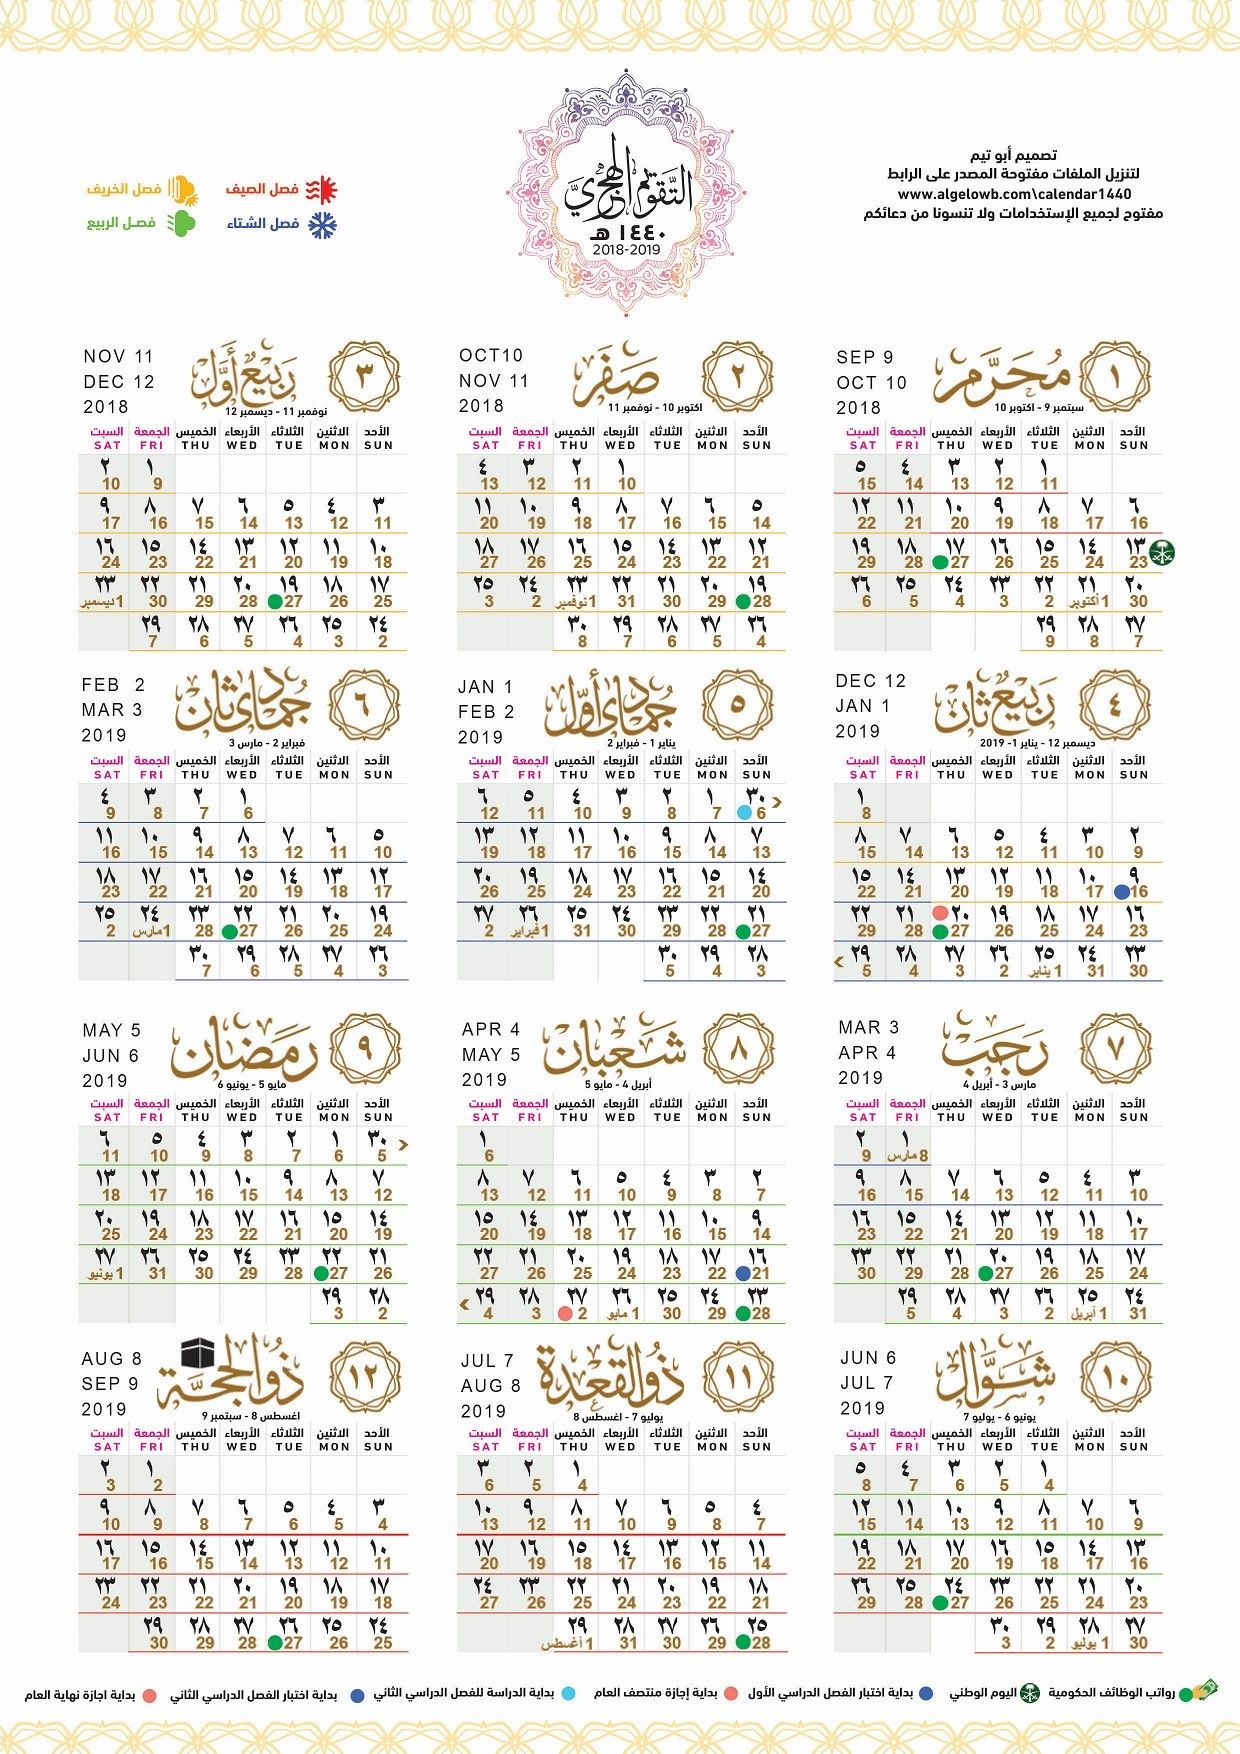 التقويم الهجرى ١٤٤٠ Islamic Calendar Hijri Calendar 2020 Calendar Template